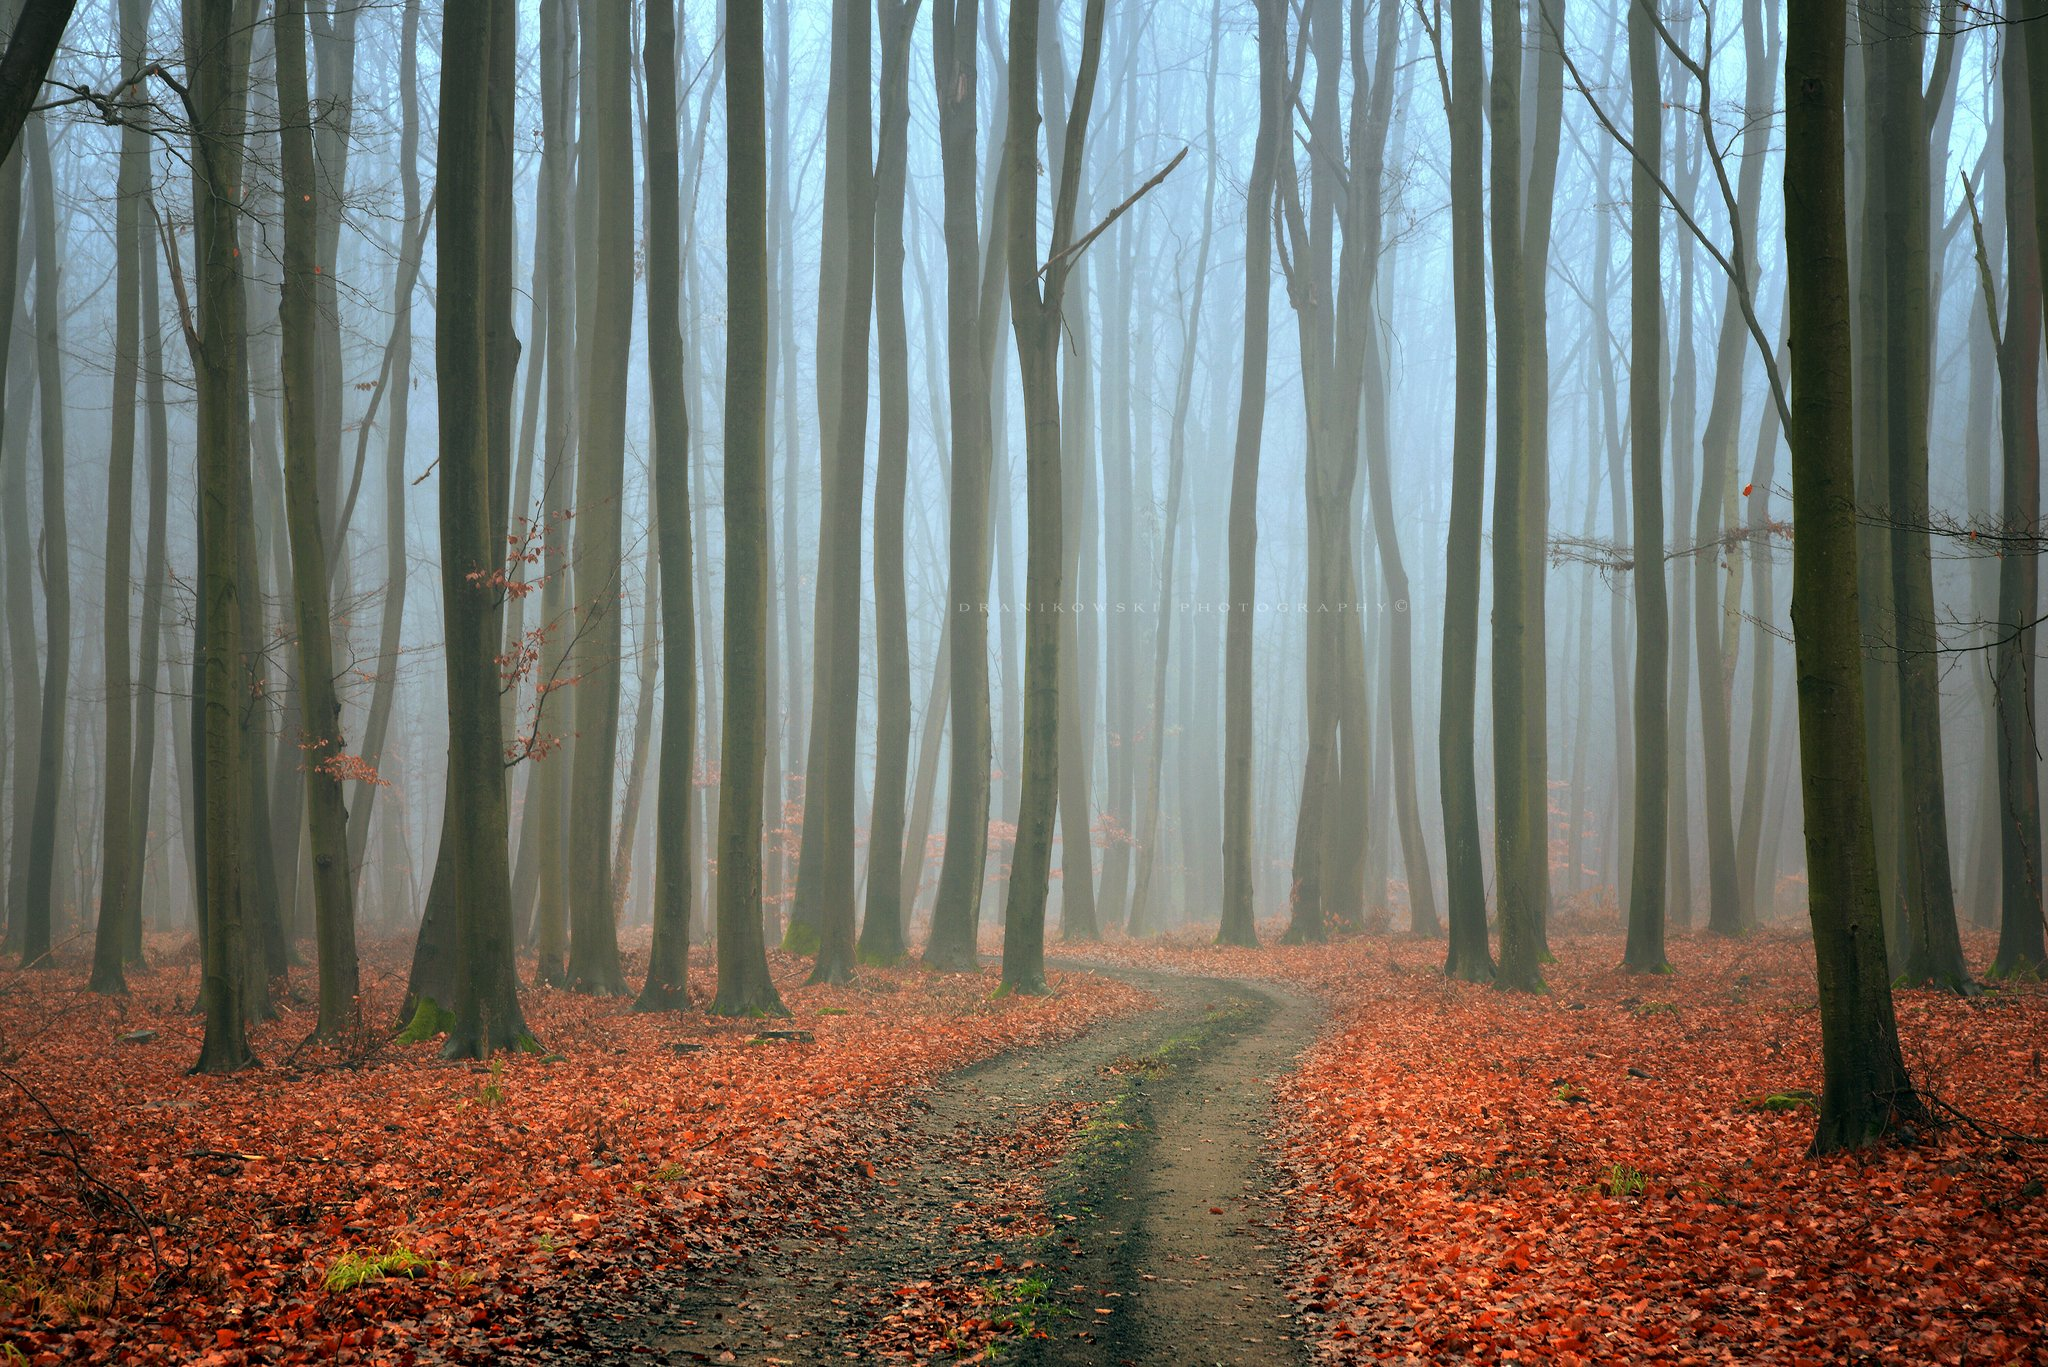 mysterious forest path road autumn fall foggy morning mist dark trees dranikowski magic, Radoslaw Dranikowski